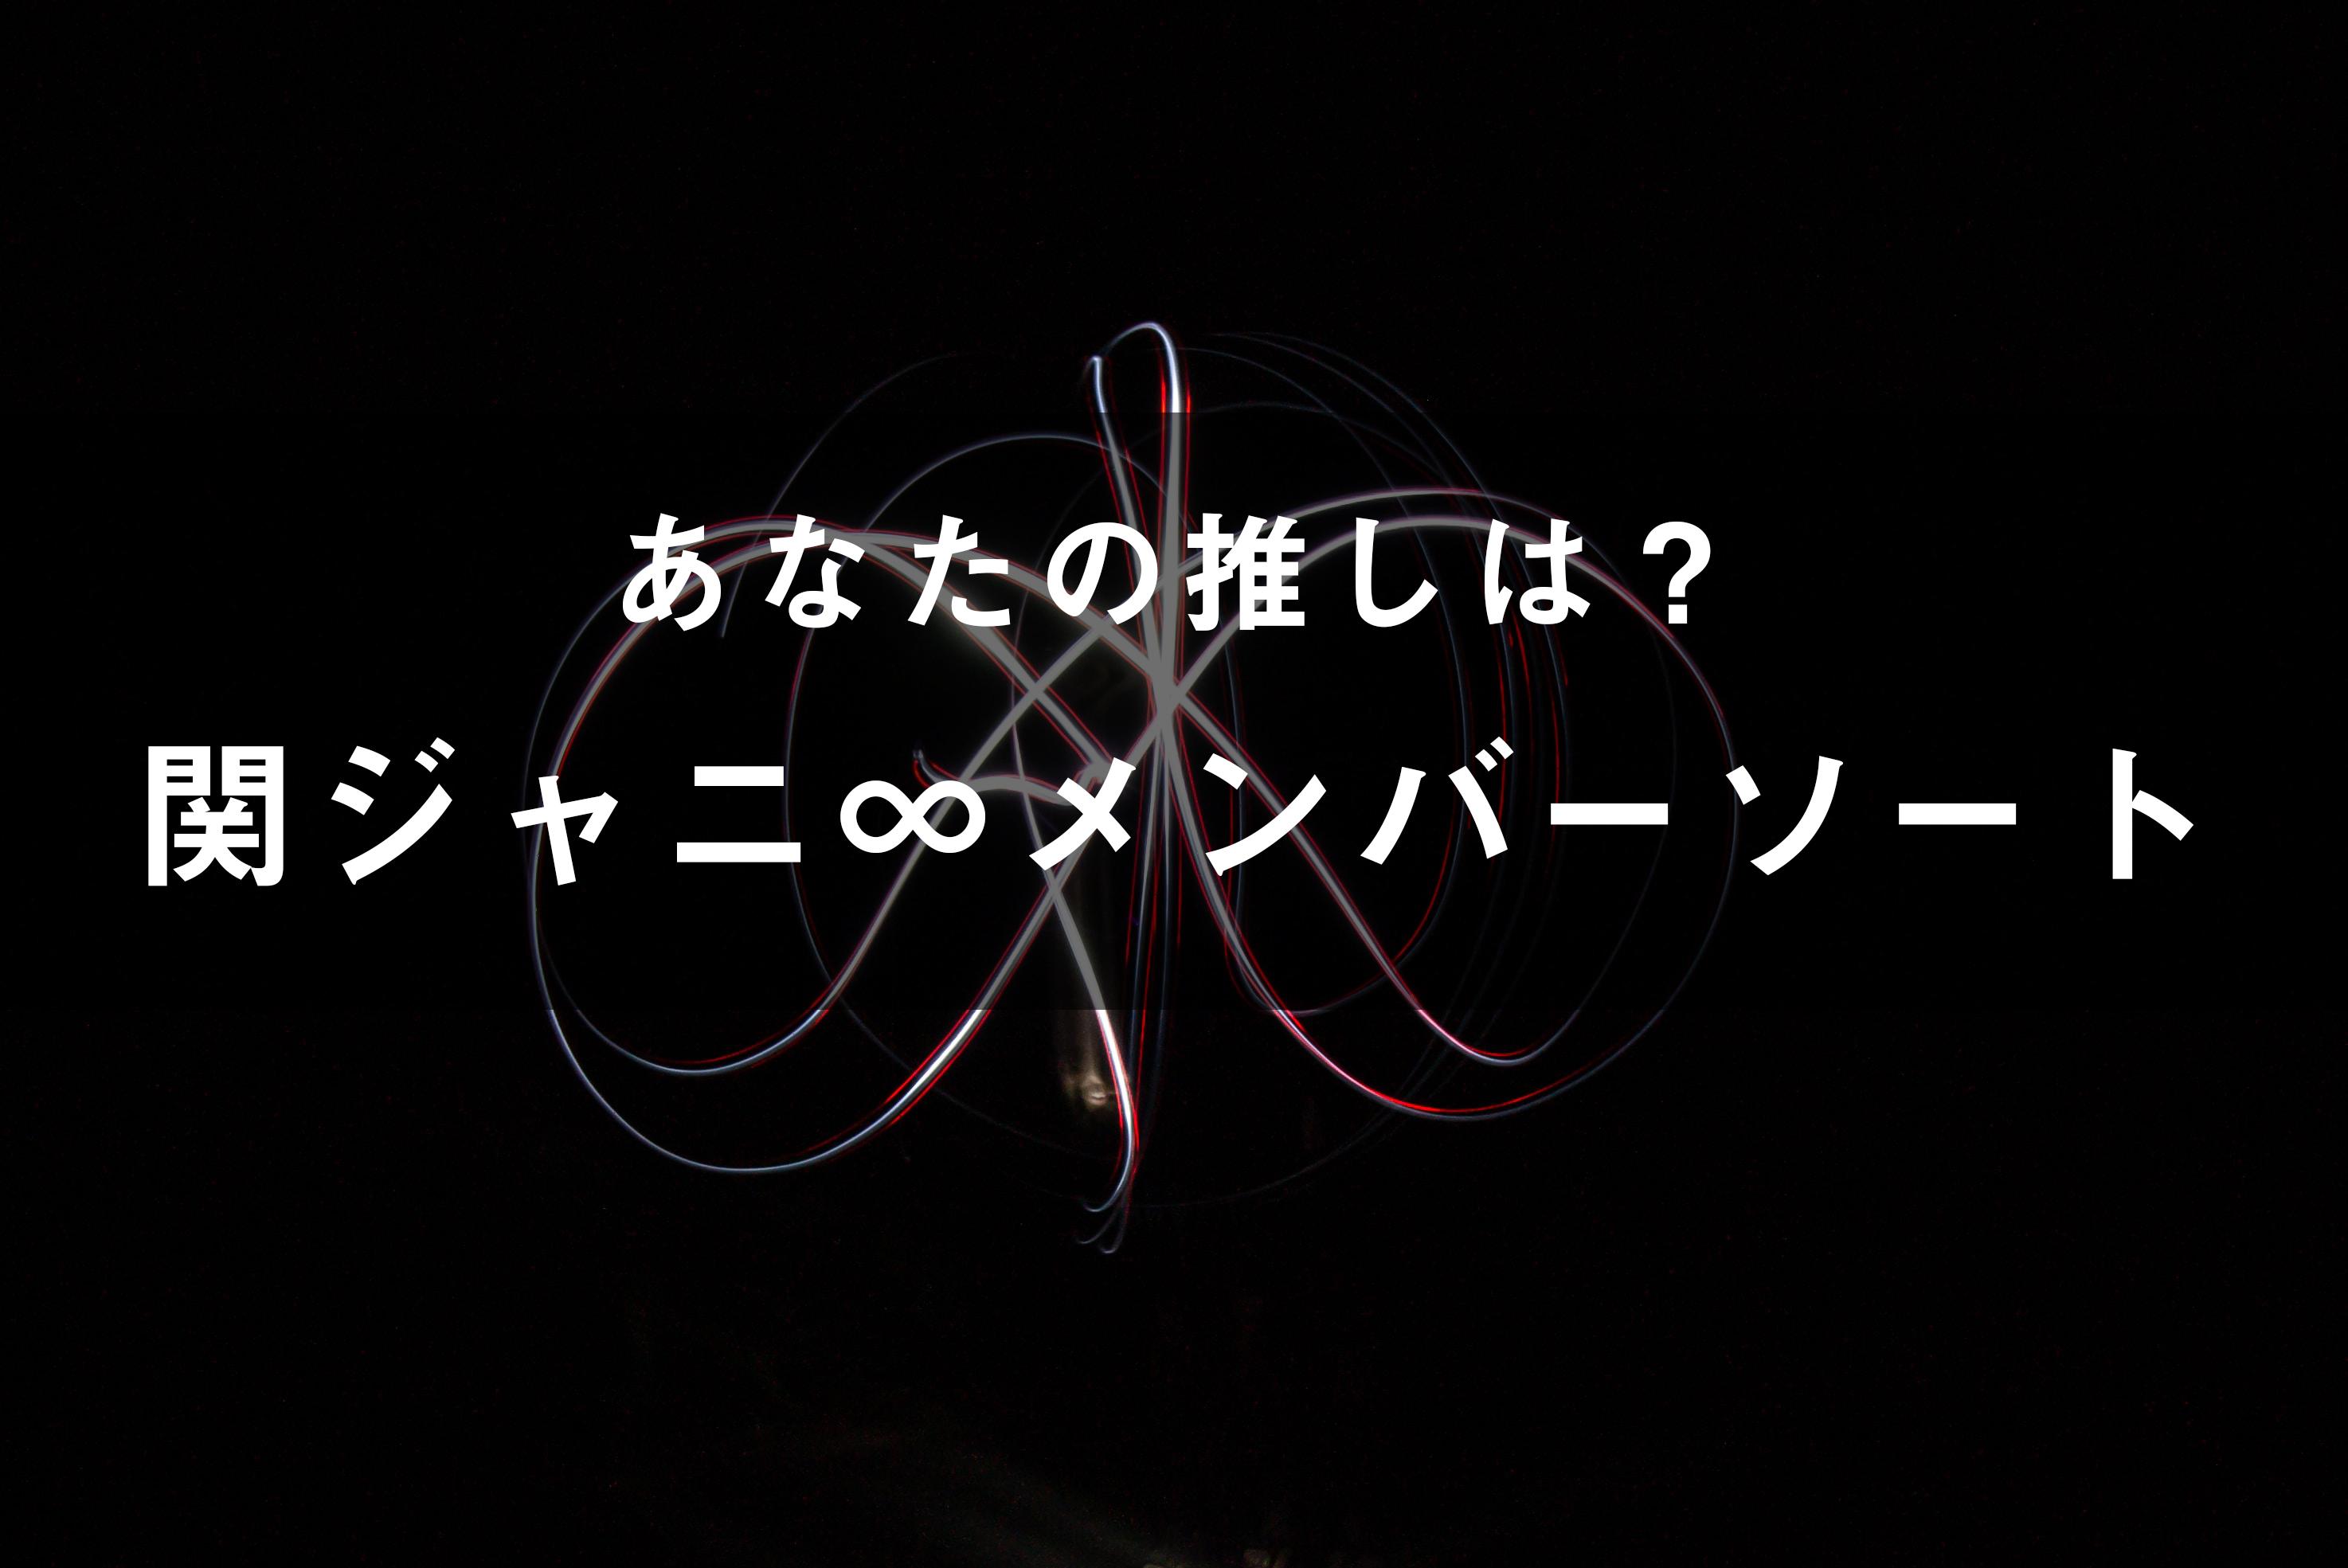 「関ジャニ∞」のメンバーソート(画像付き)